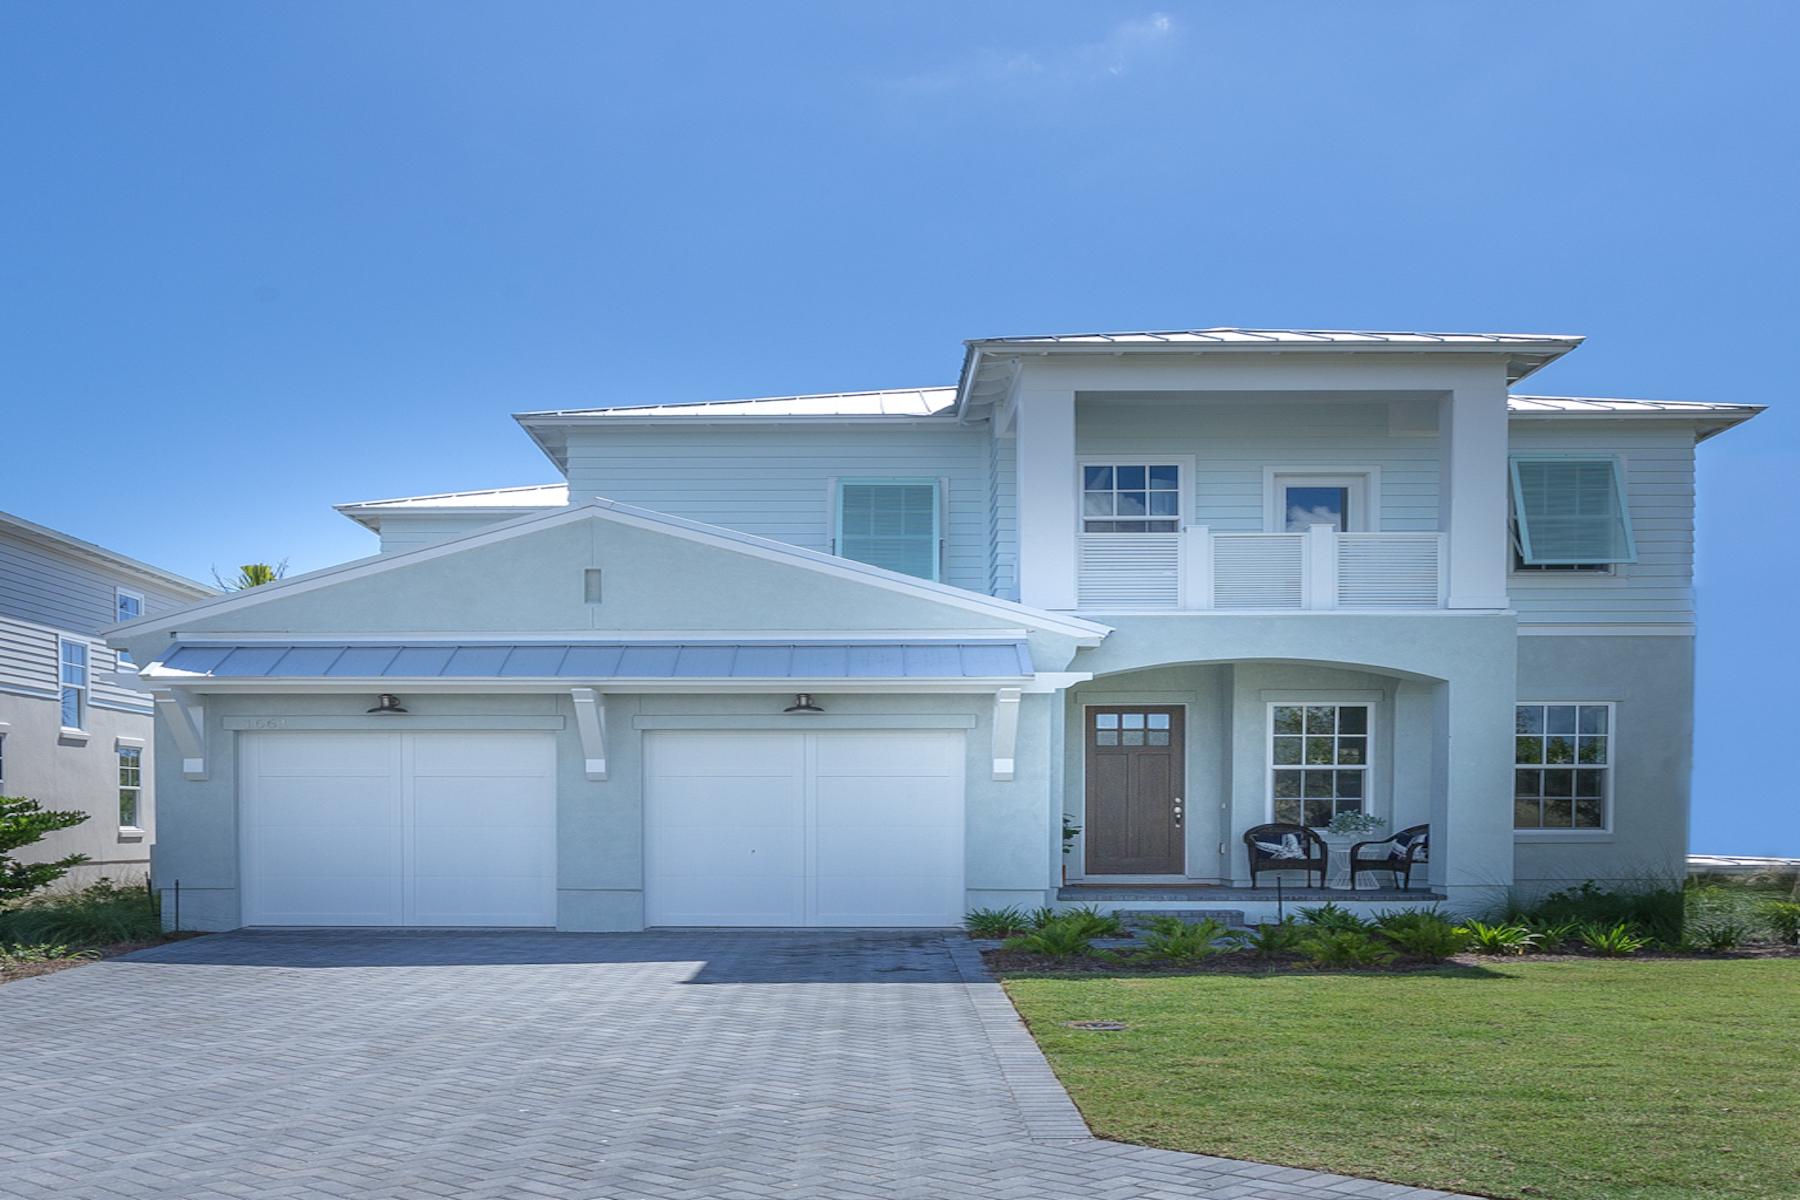 Tek Ailelik Ev için Satış at 1661 Atlantic Beach Drive Atlantic Beach, Florida, 32081 Amerika Birleşik Devletleri